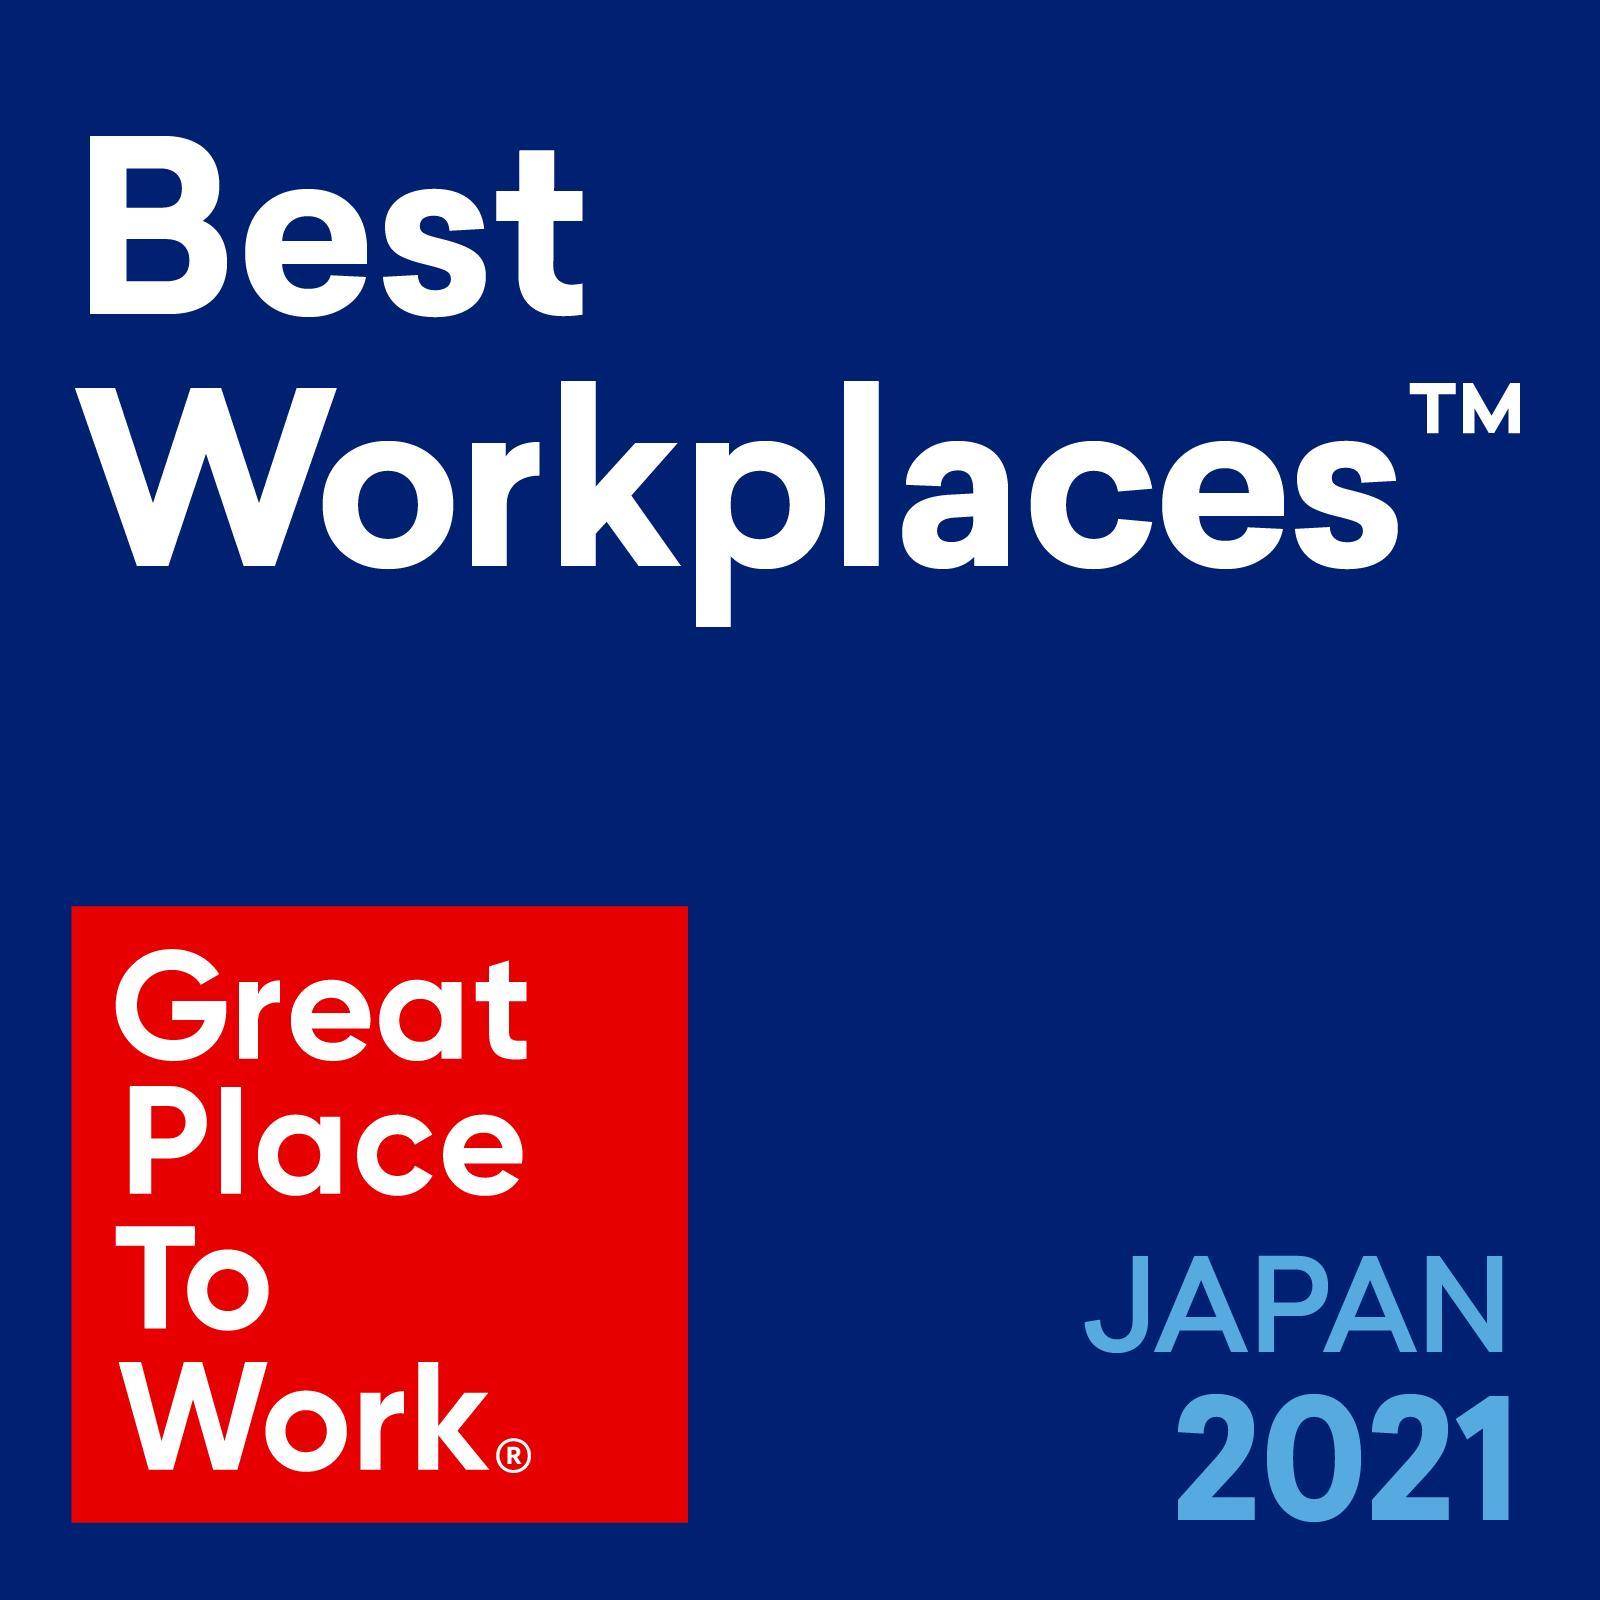 株式会社EXIDEA 2021年版 「働きがいのある会社」ベストカンパニーに初選出!